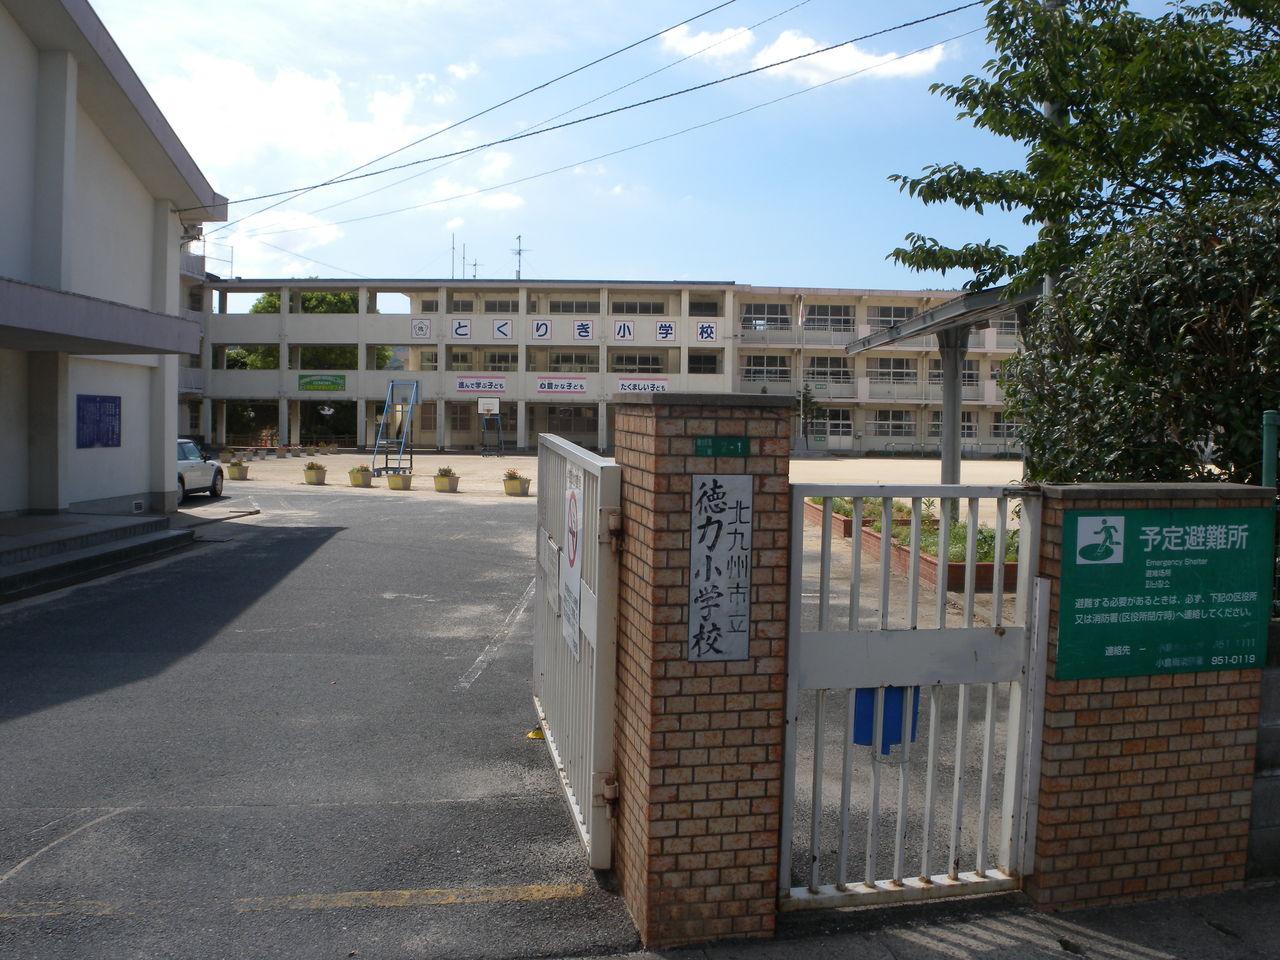 小学校:北九州市立徳力小学校 1240m